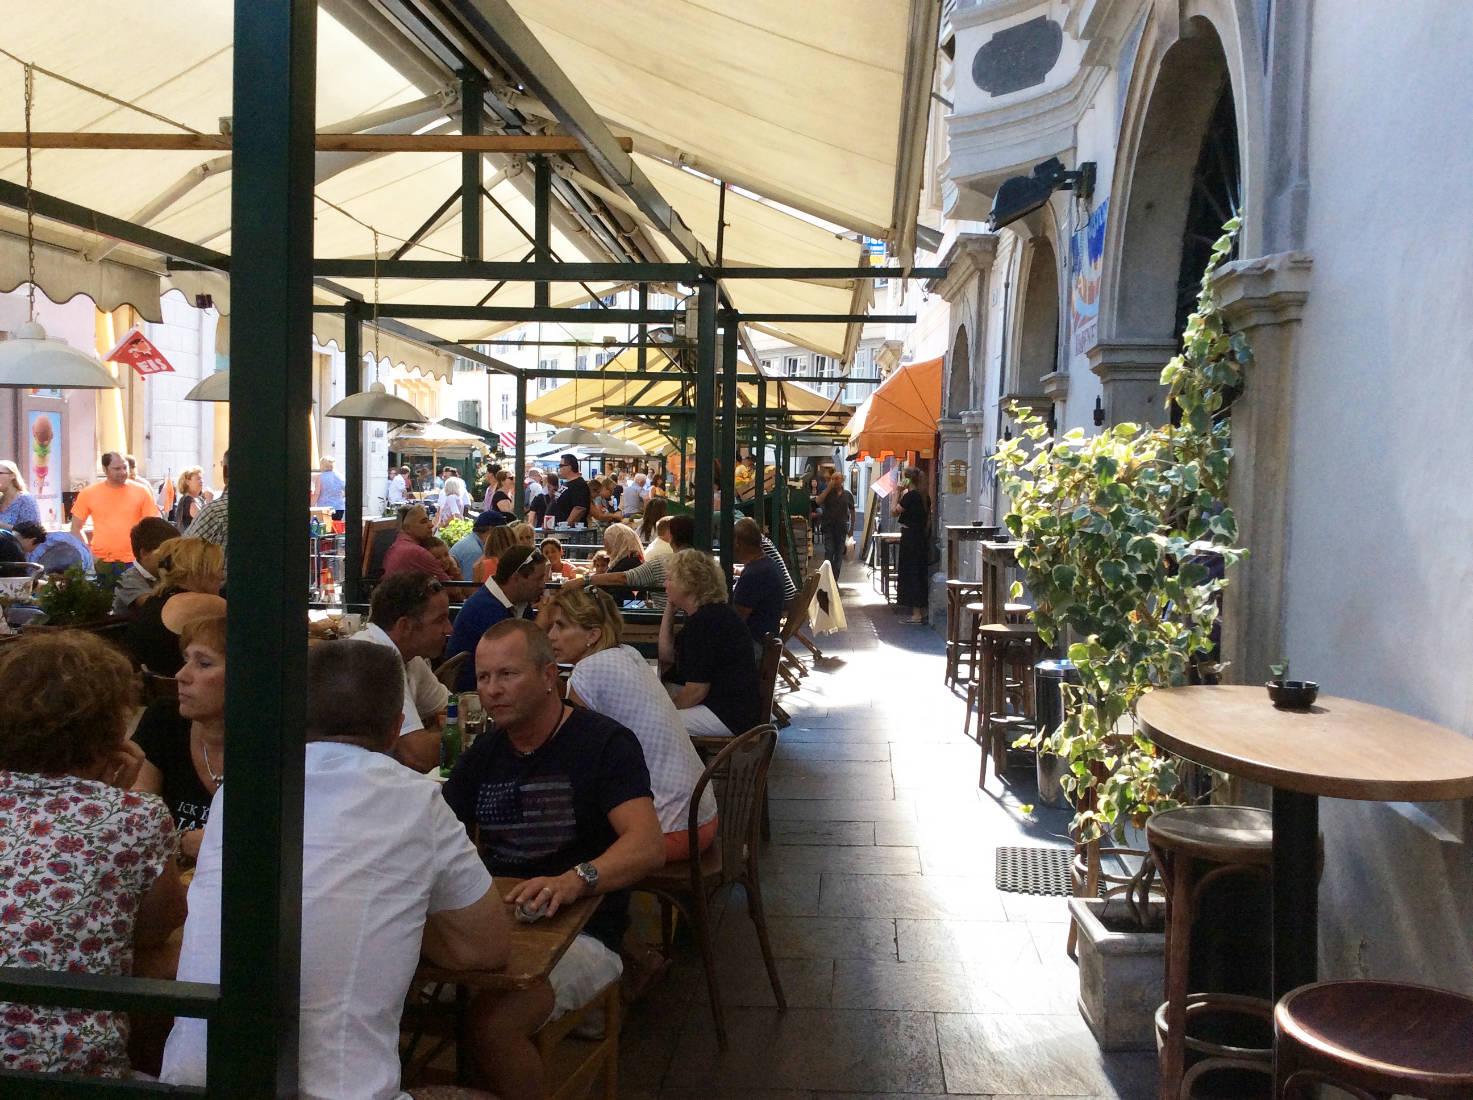 Restaurant in Bozen